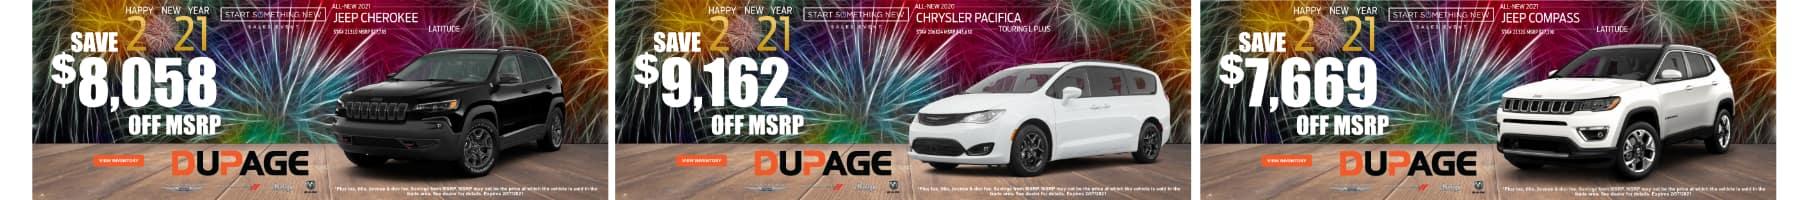 DuPage_VRP_1800x200_Jan-2020_v1